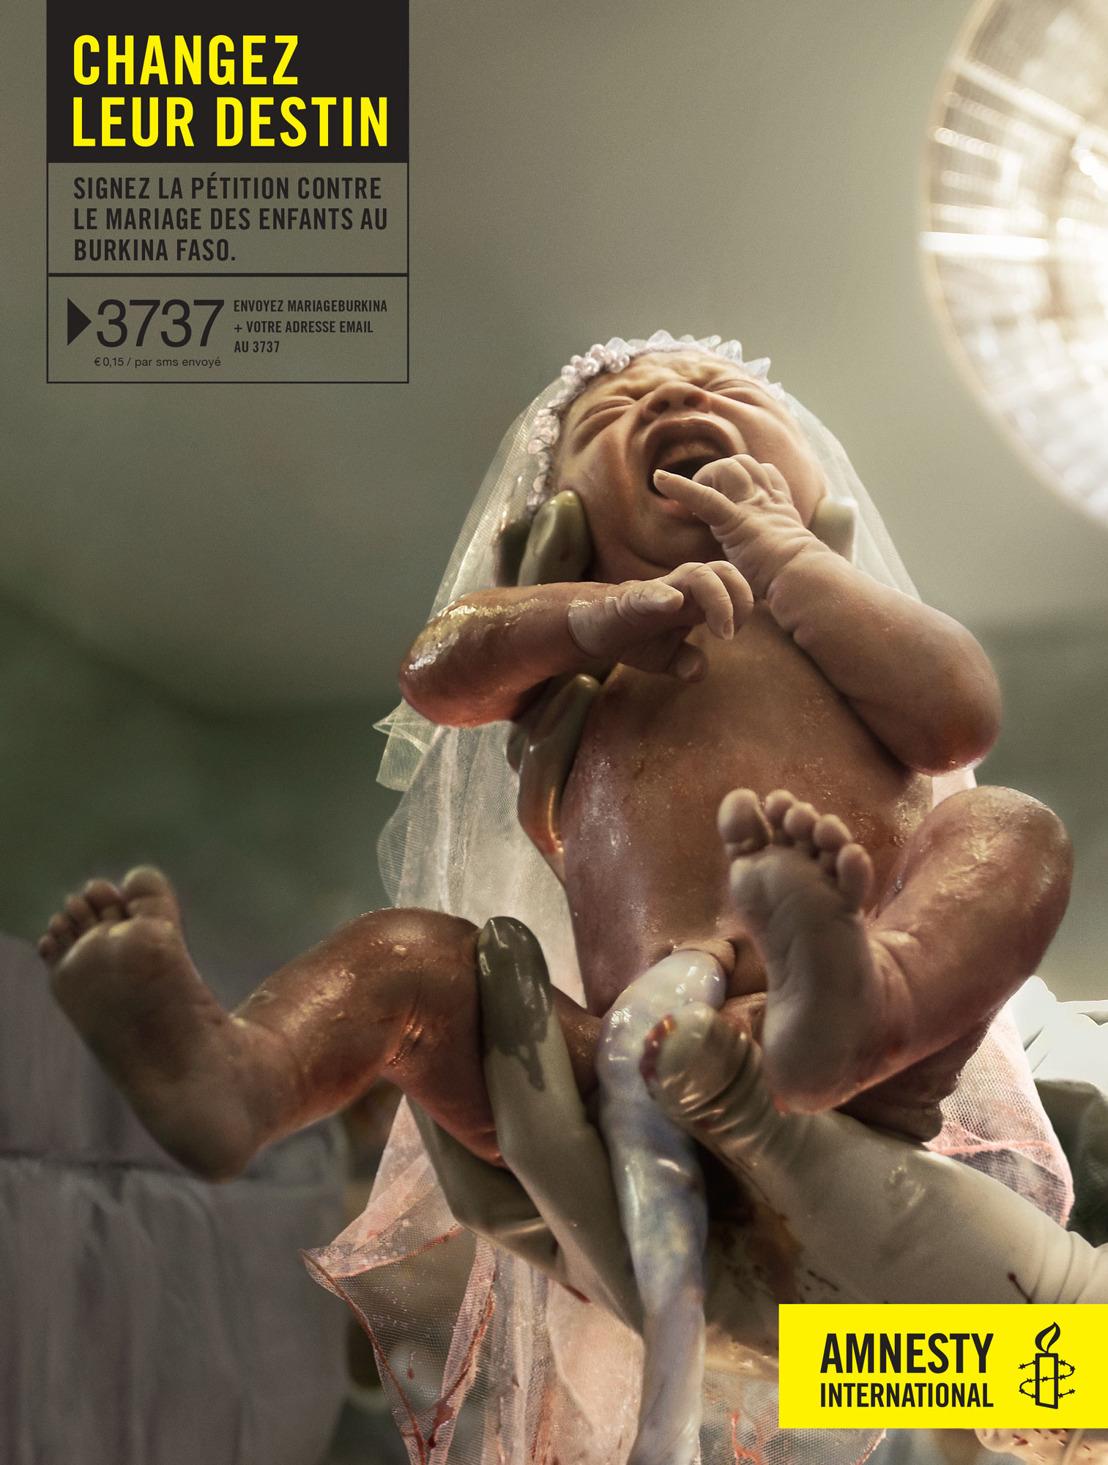 Air marie un bébé pour Amnesty